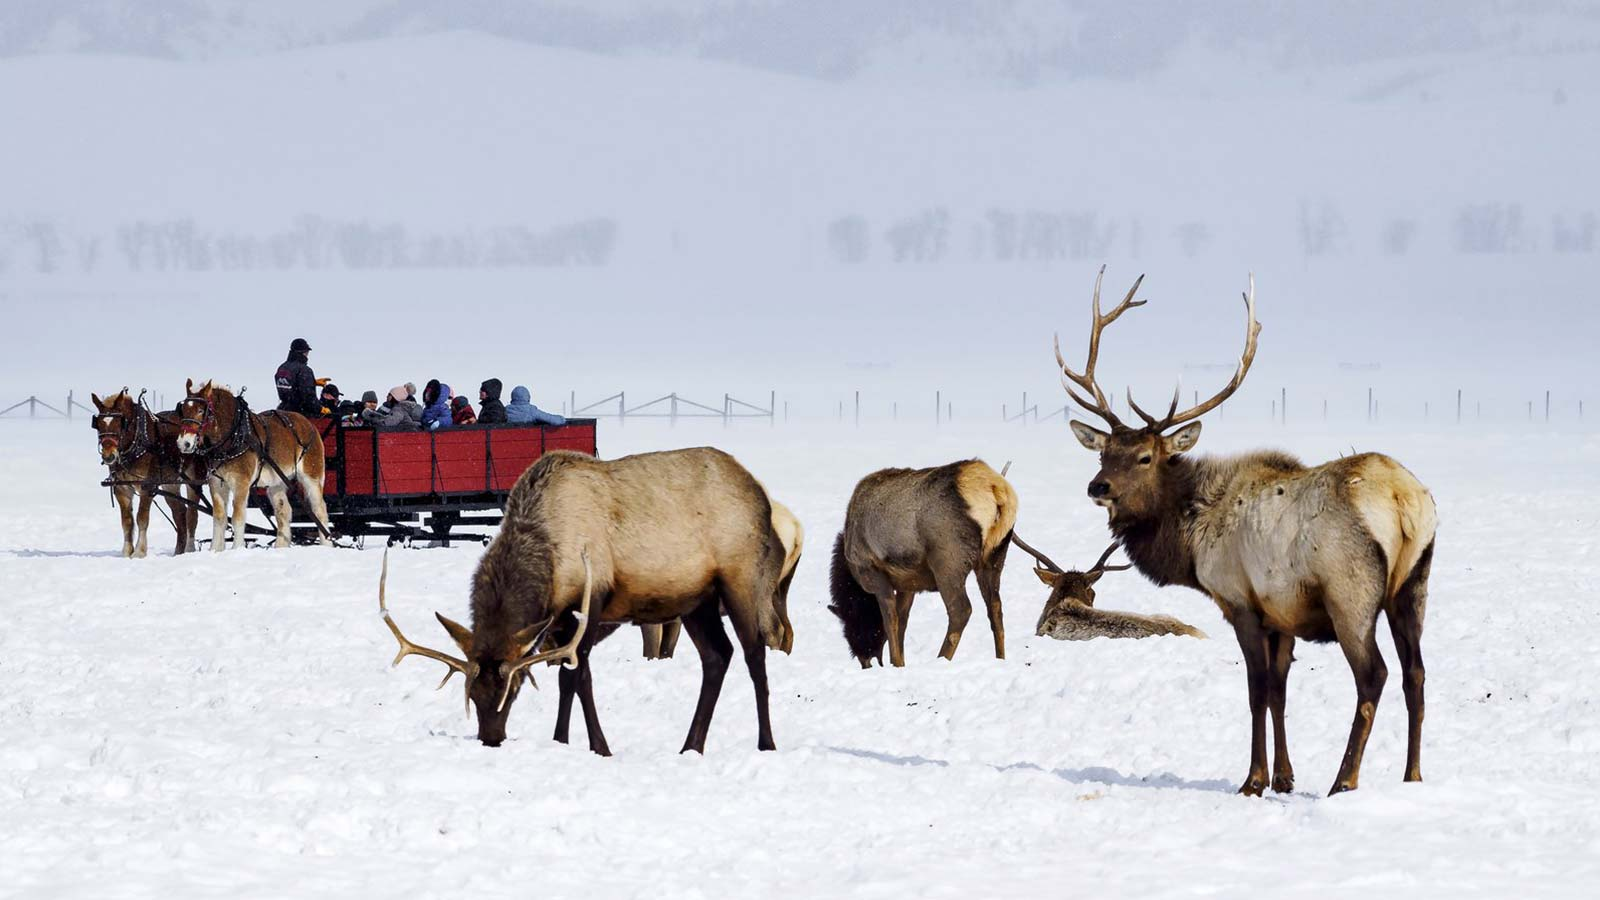 Horses pulling sleigh behind elk herd